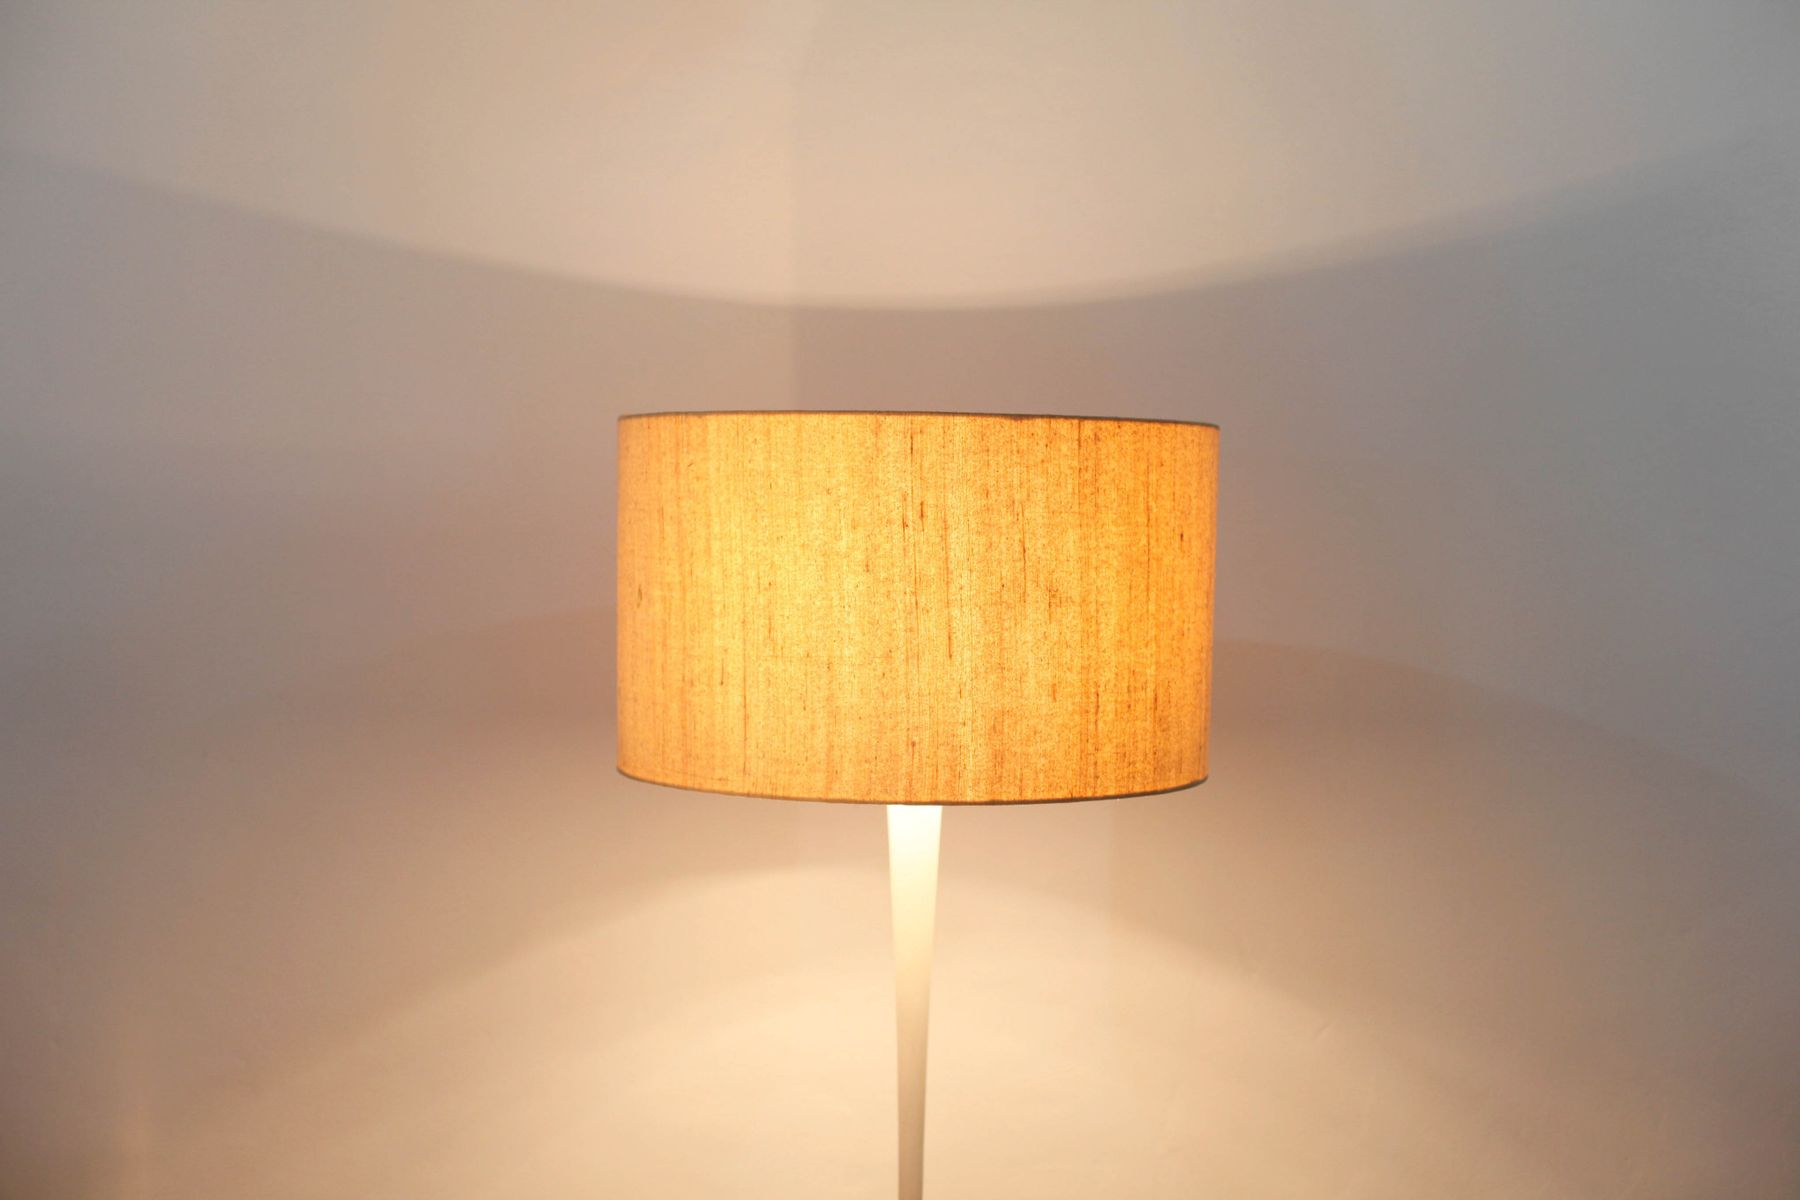 tulip lampen von staff leuchten 1960er bei pamono kaufen. Black Bedroom Furniture Sets. Home Design Ideas